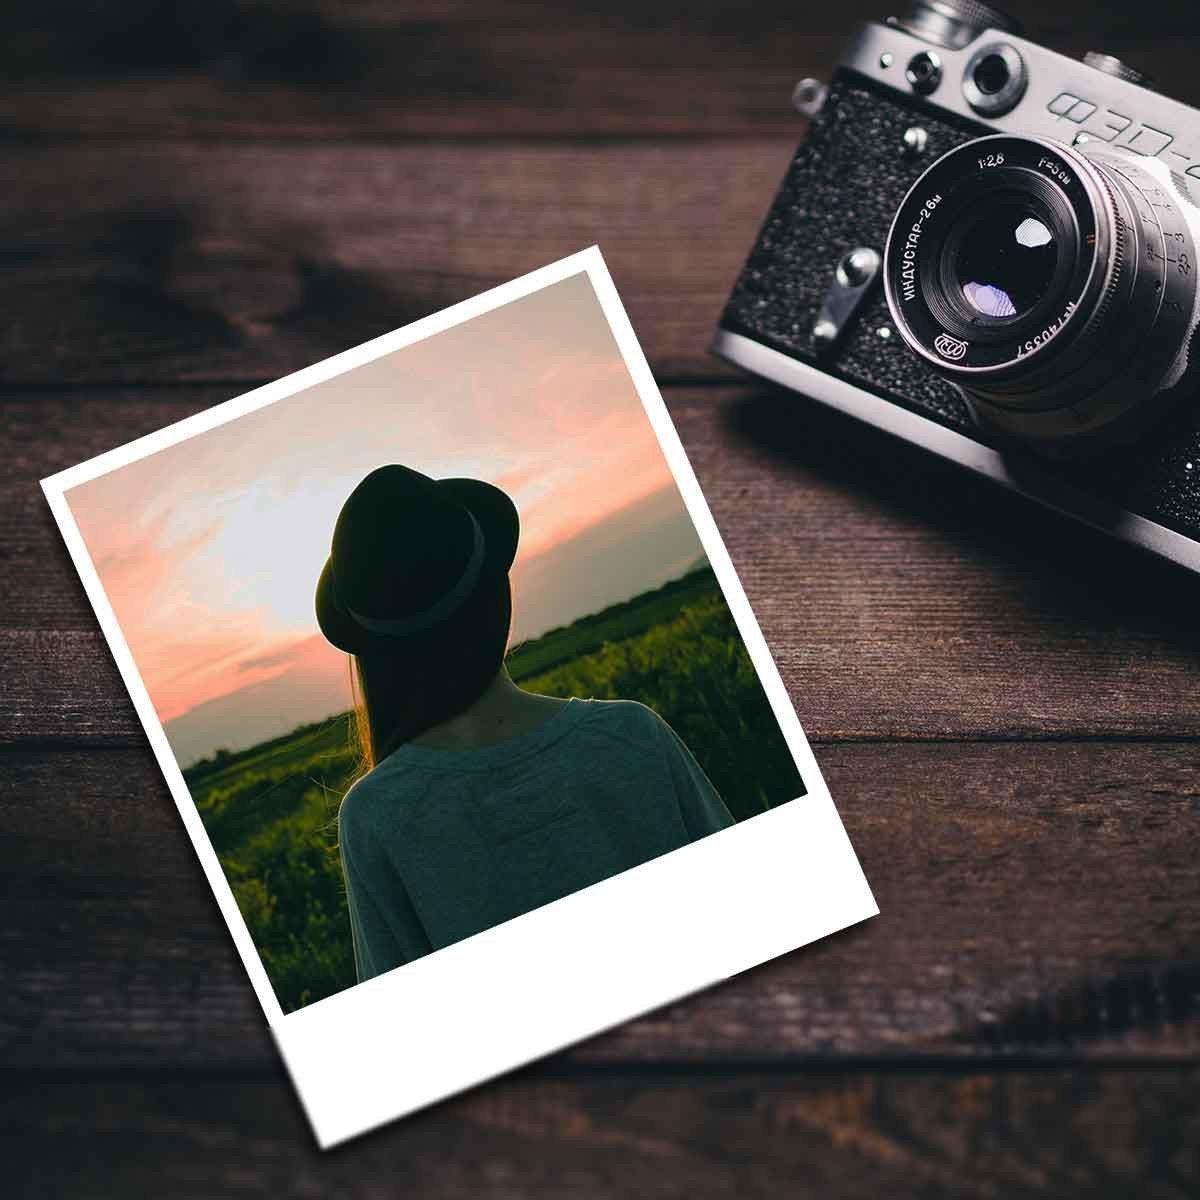 Пионов днем, как сделать картинку из фото в инстаграме